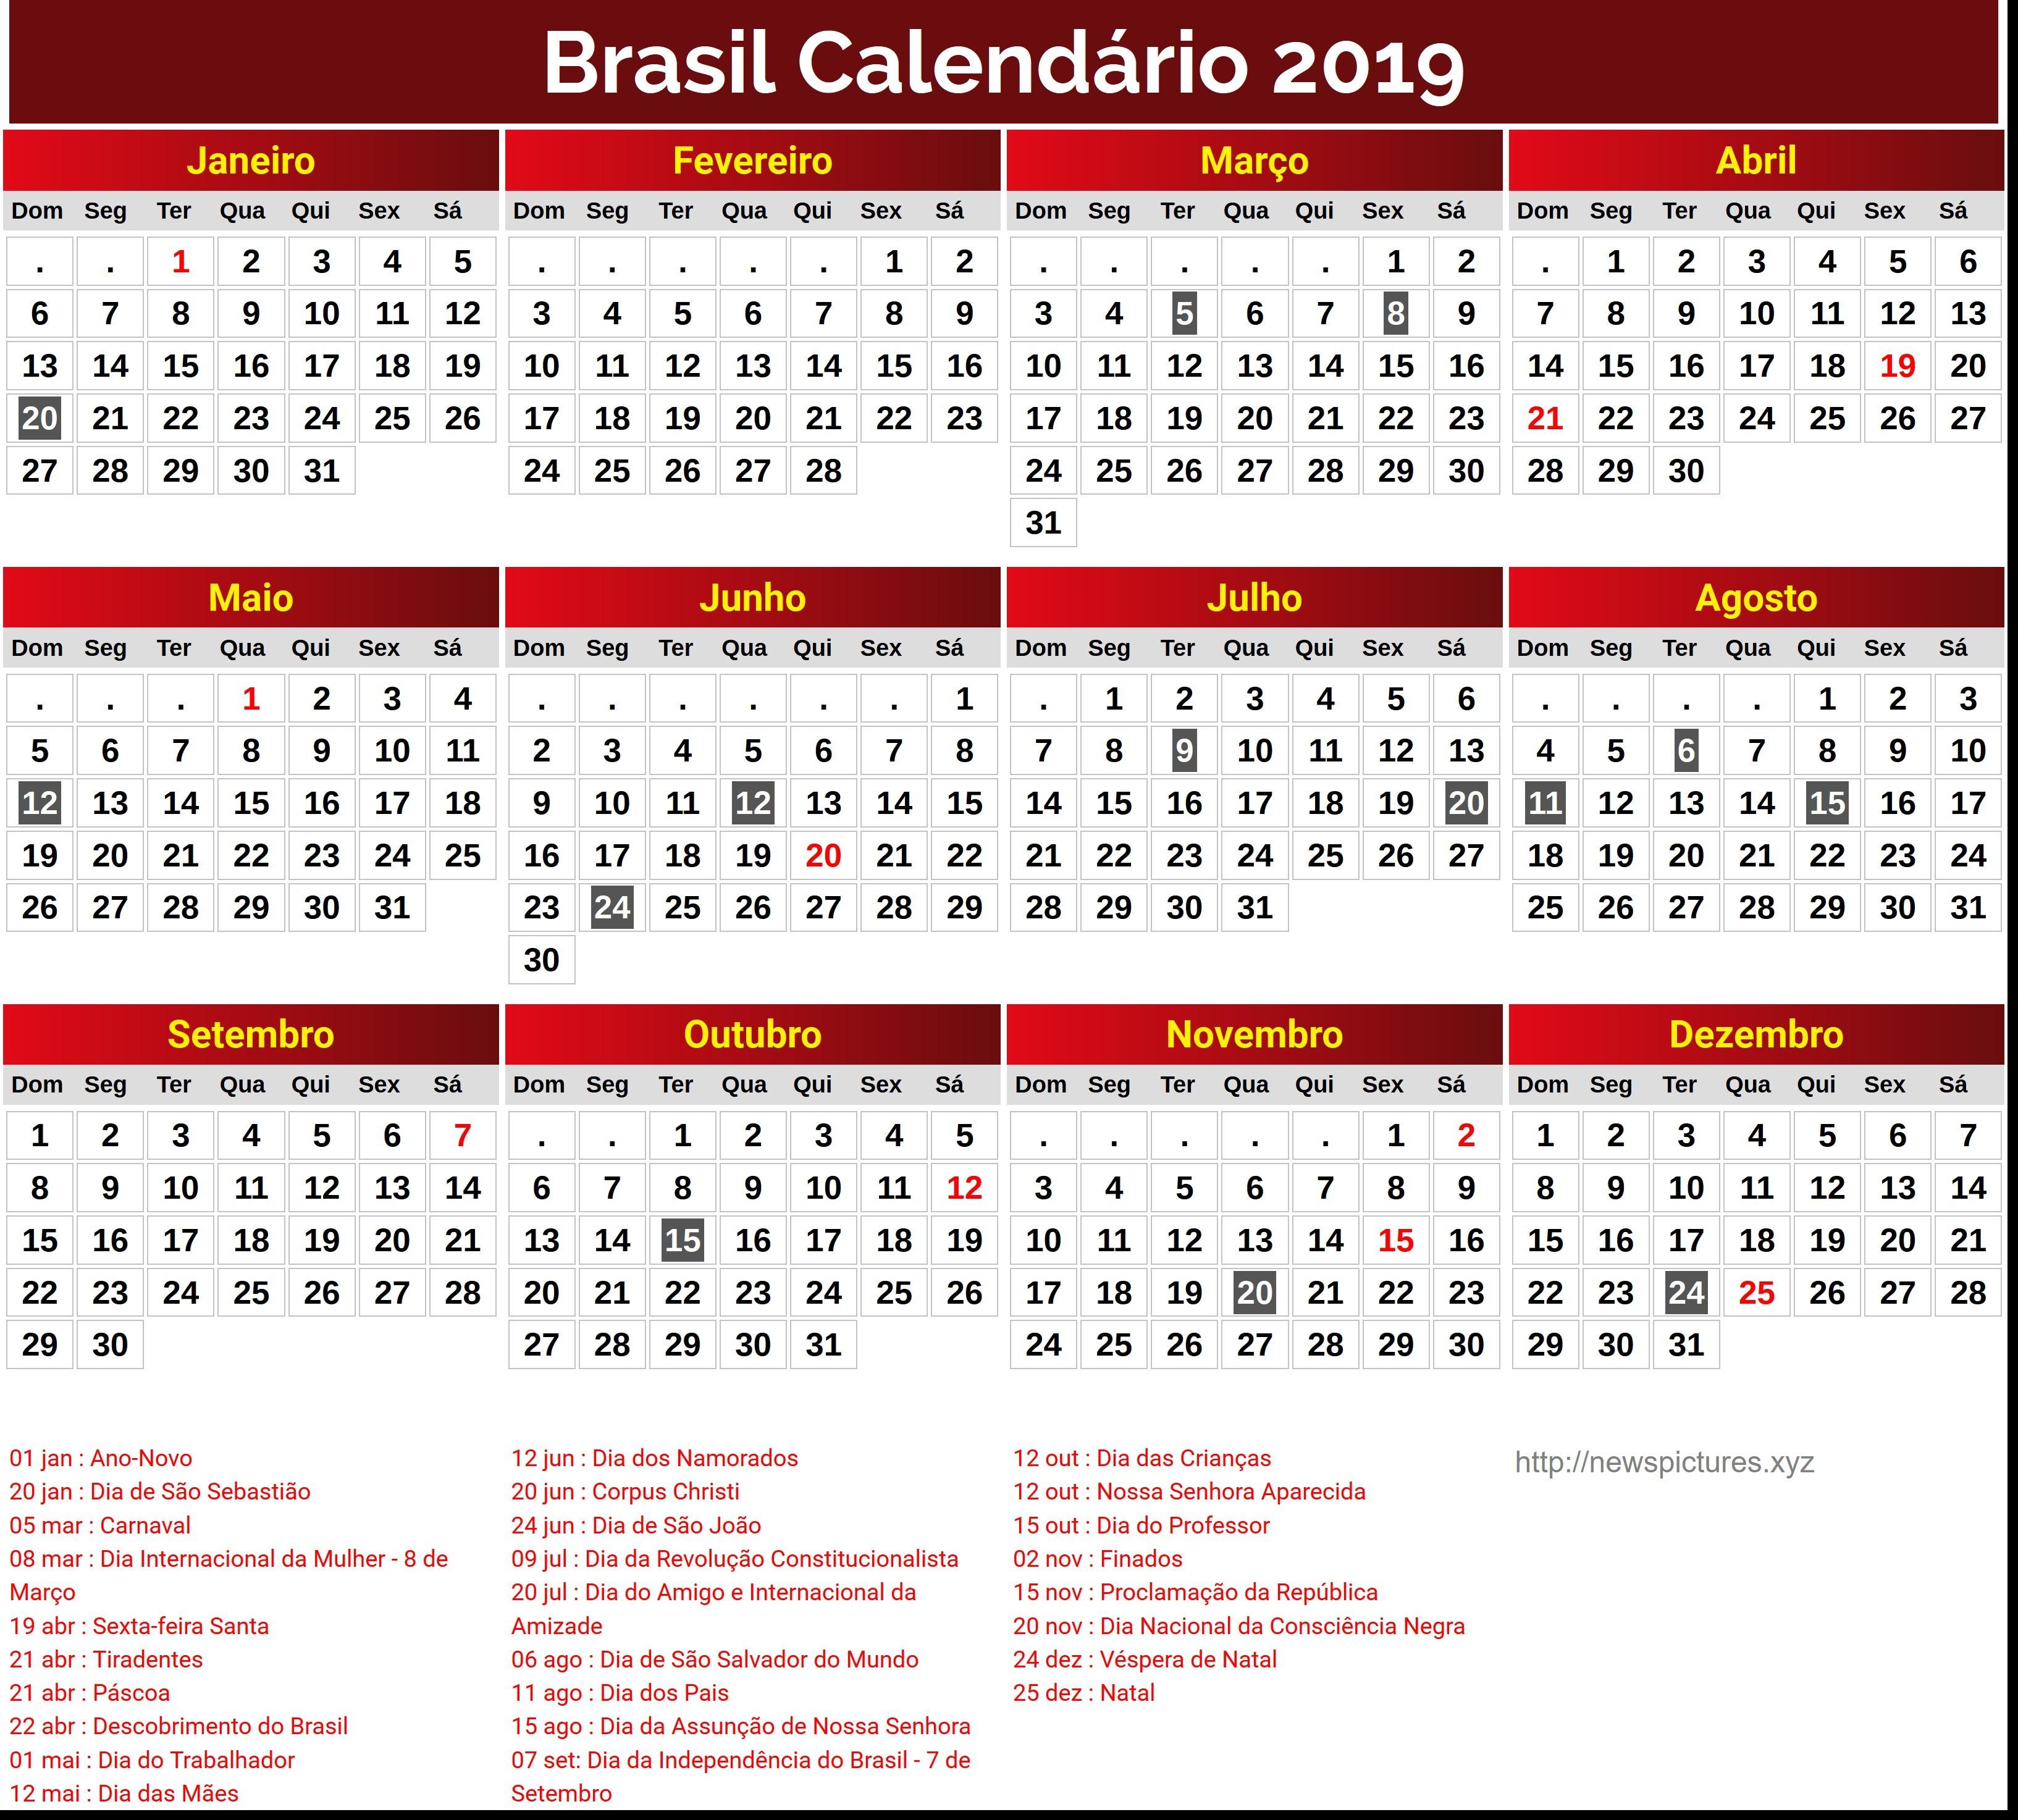 Calendario Para Imprimir 2019 Con Feriados Argentina Actual Evaluar Calendario 2019 Con Sus Feriados Of Calendario Para Imprimir 2019 Con Feriados Argentina Más Actual Inspeccionar Calendario Mes Diciembre 2019 Para Imprimir